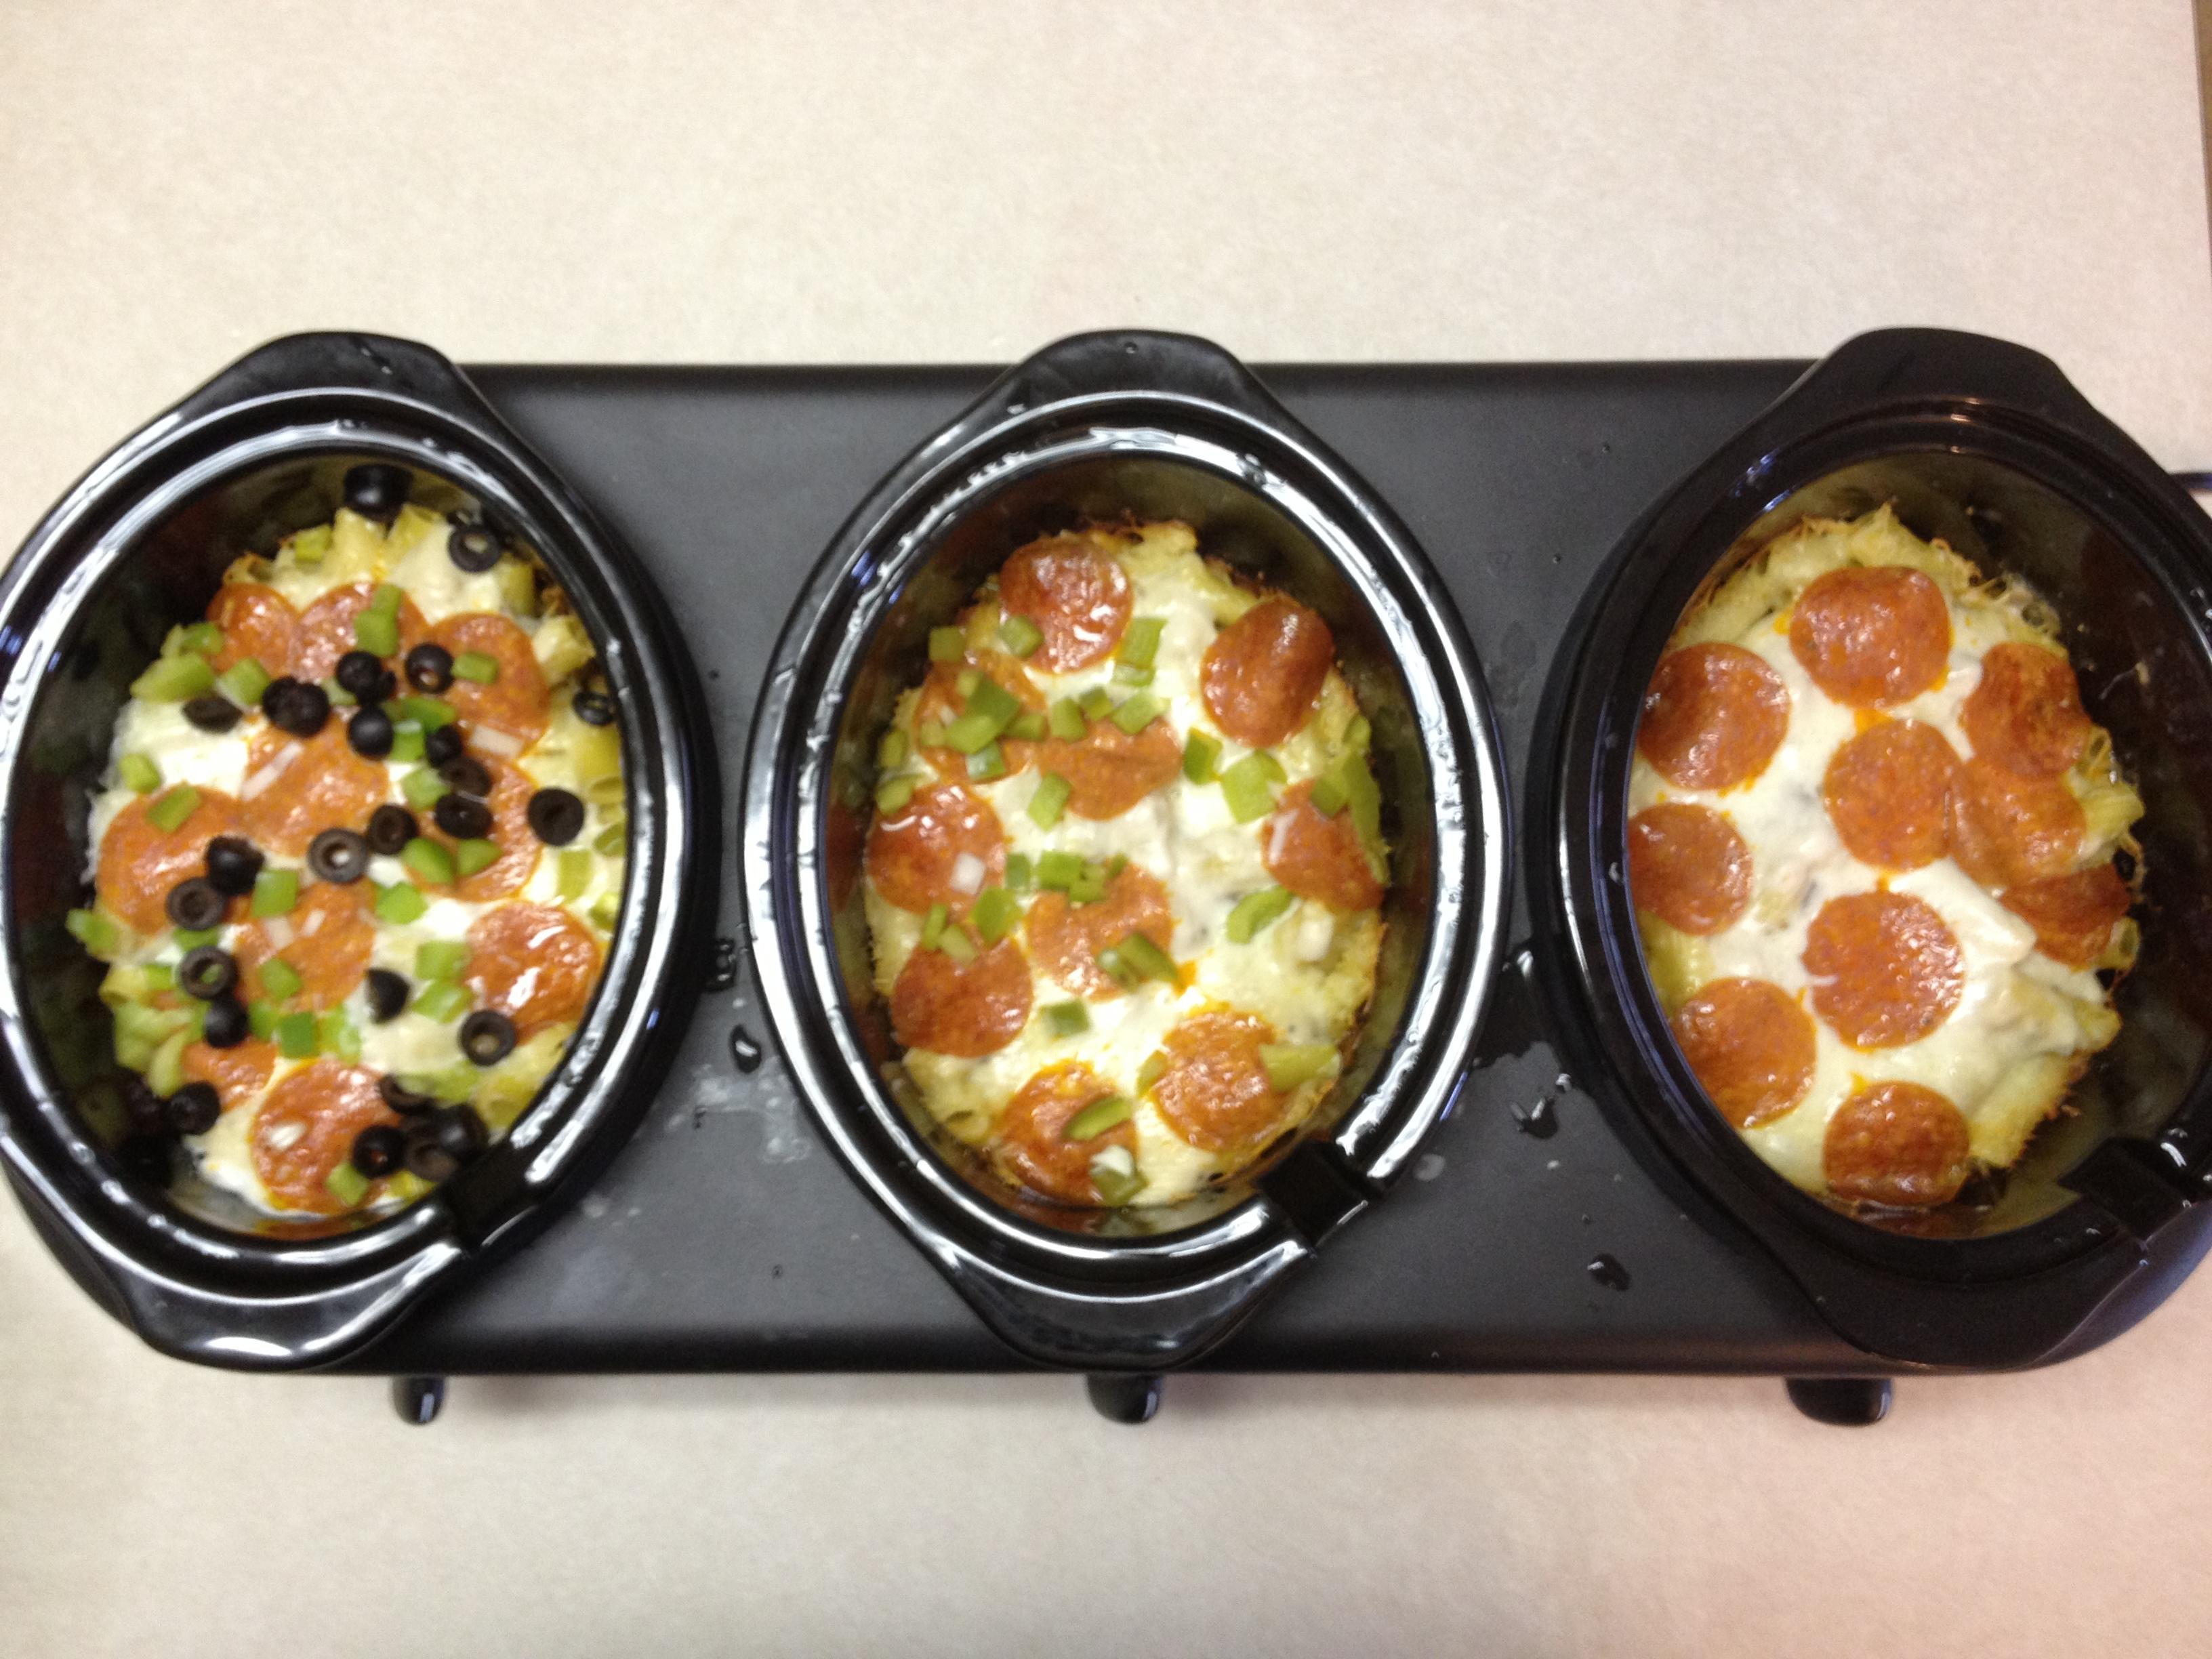 Easy Crock Pot Pizza Recipes